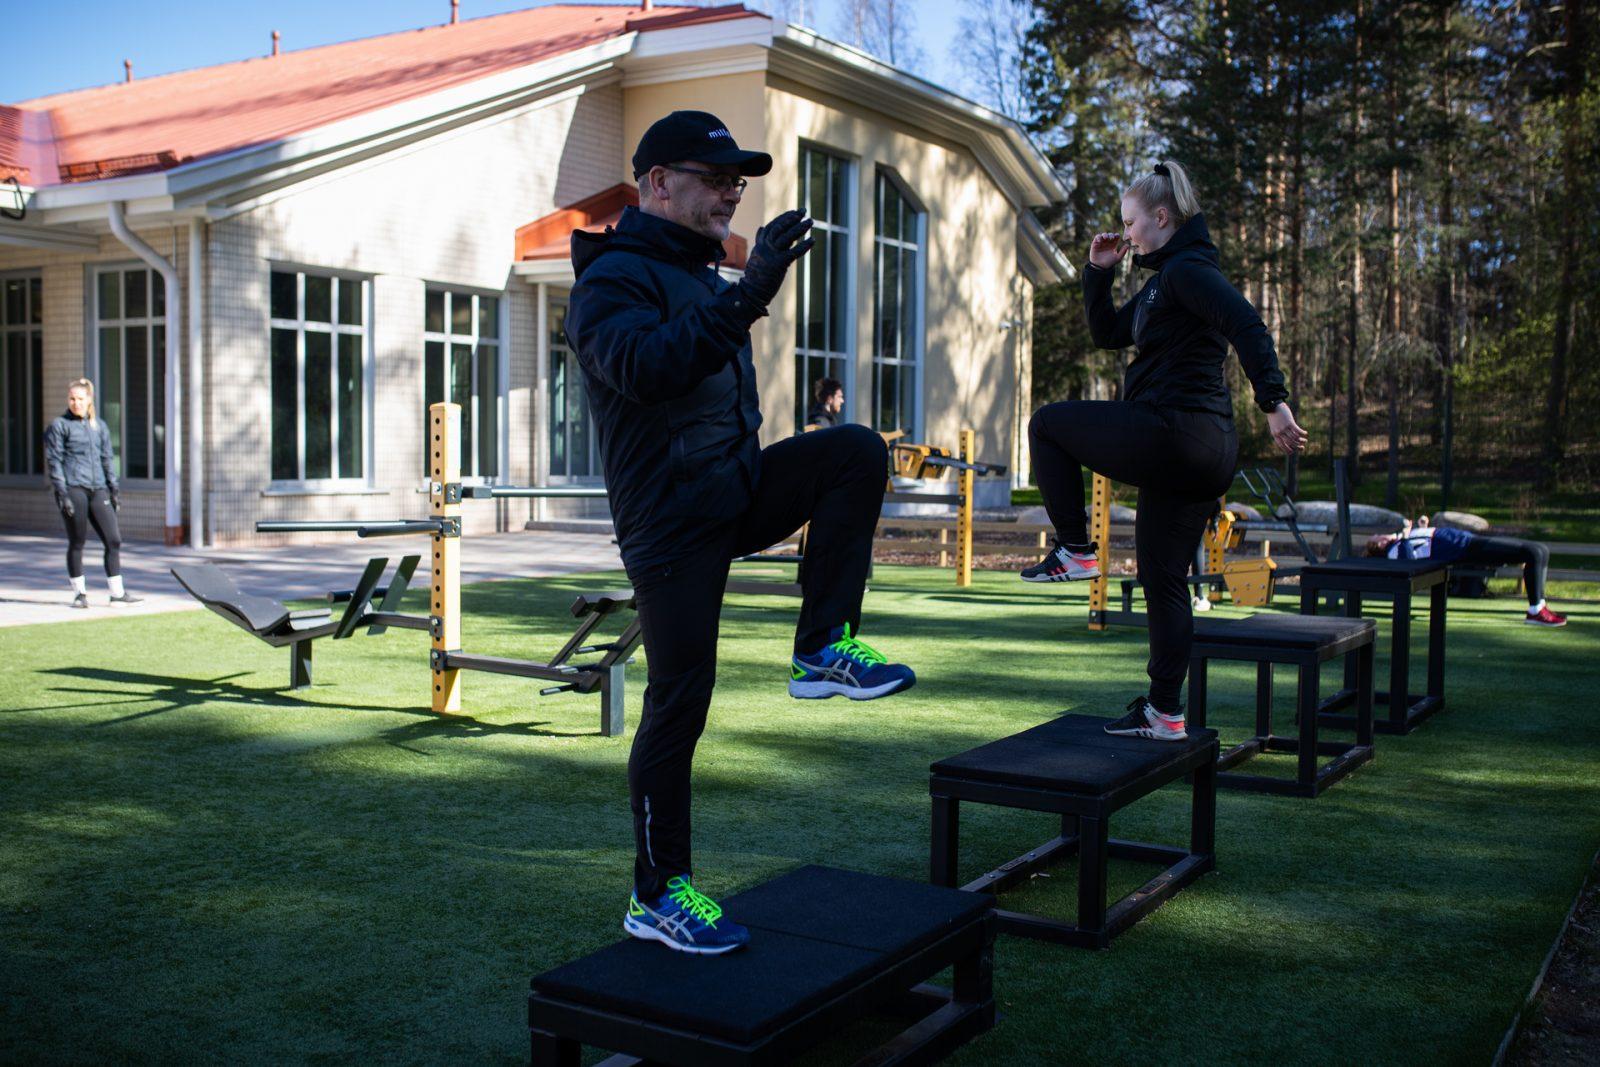 Liikkujia Kivimaan uimahallin ulkokuntosalilla.